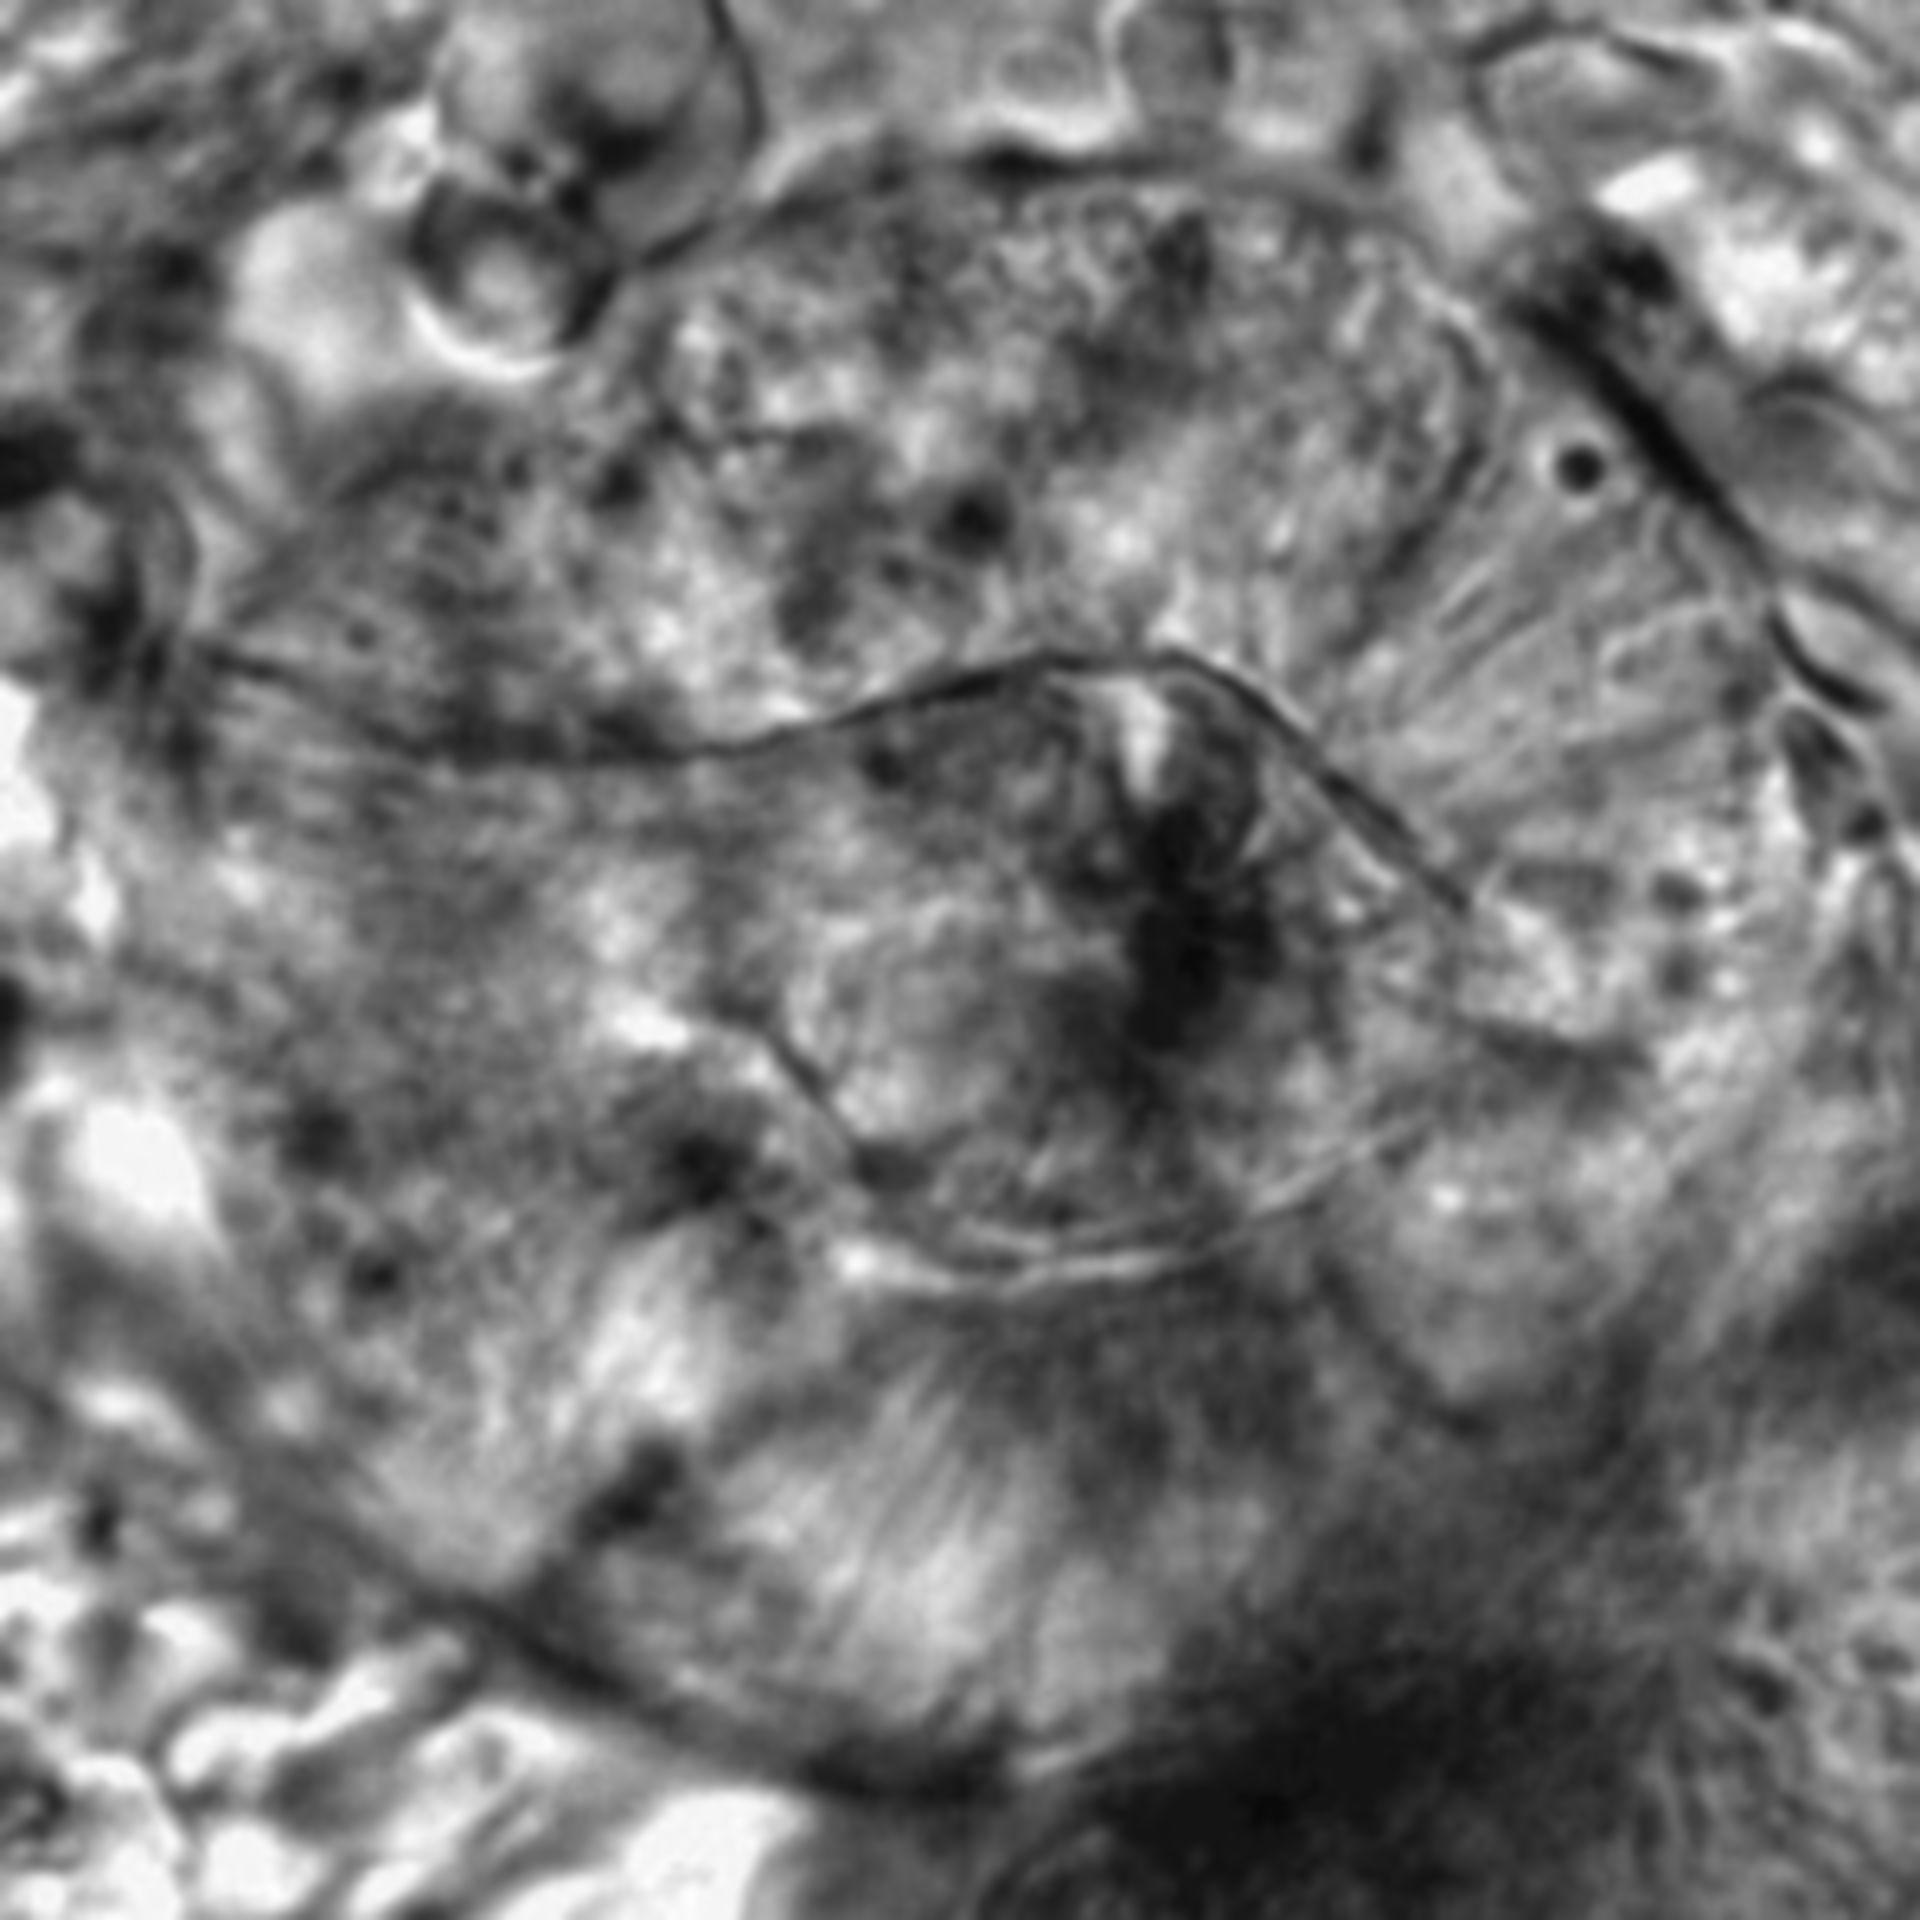 Caenorhabditis elegans - CIL:2597